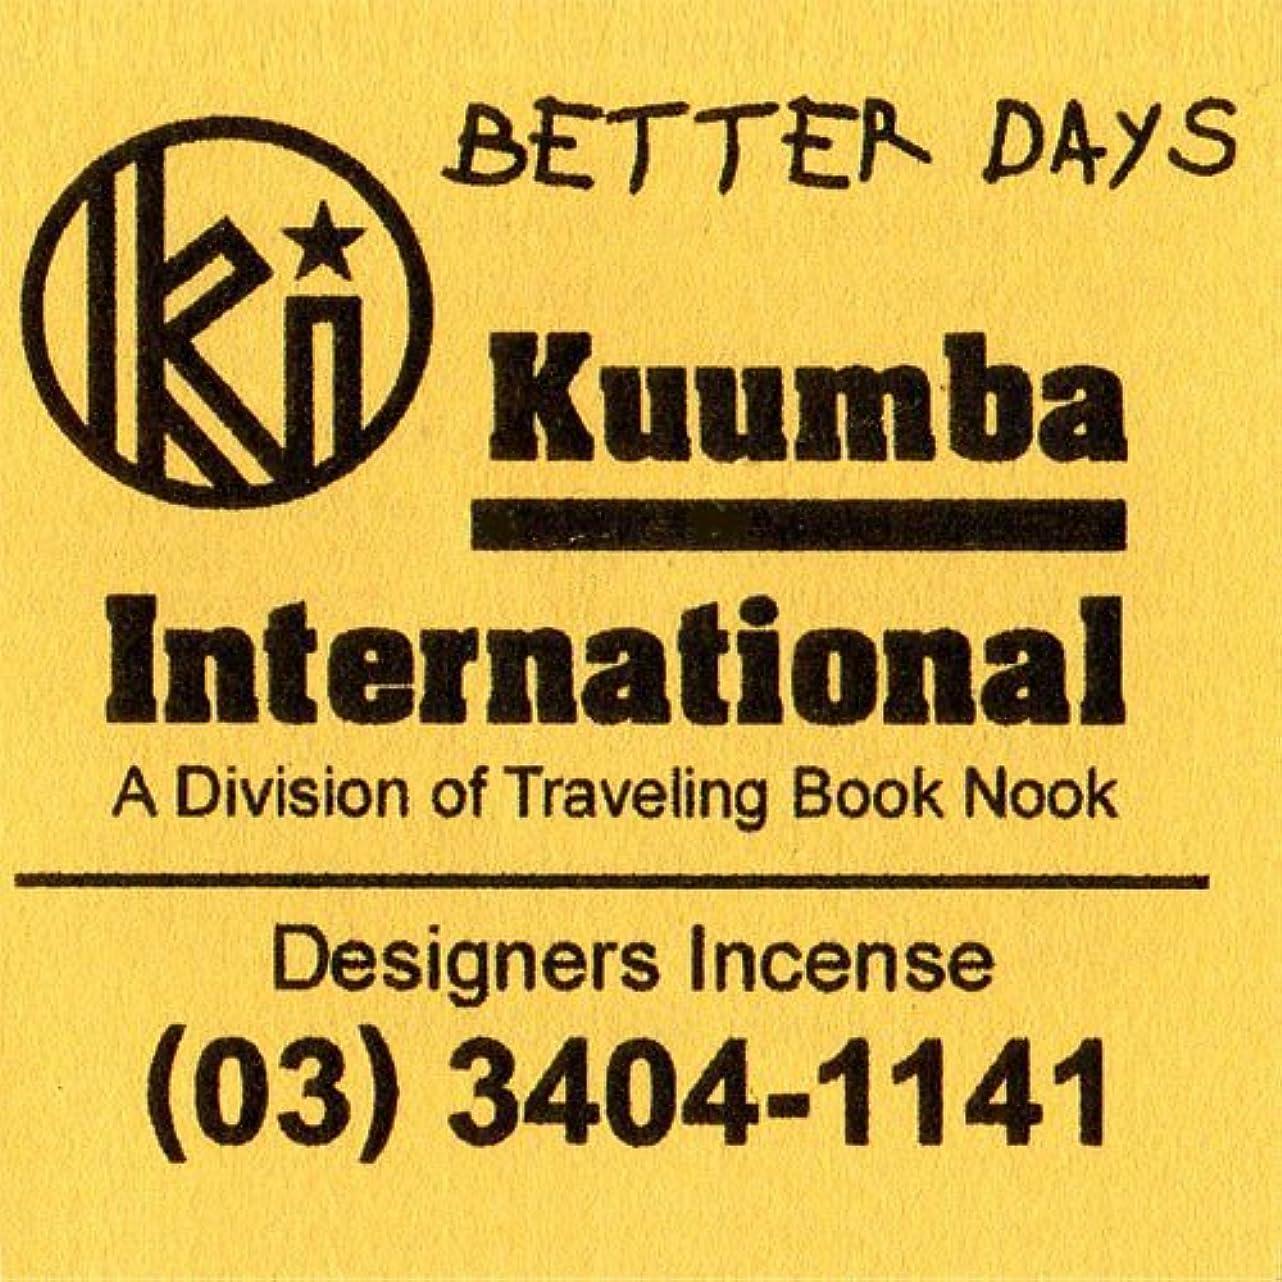 中毒自宅でズームインするKUUMBA/クンバ『incense』(BETTER DAYS) (Regular size)